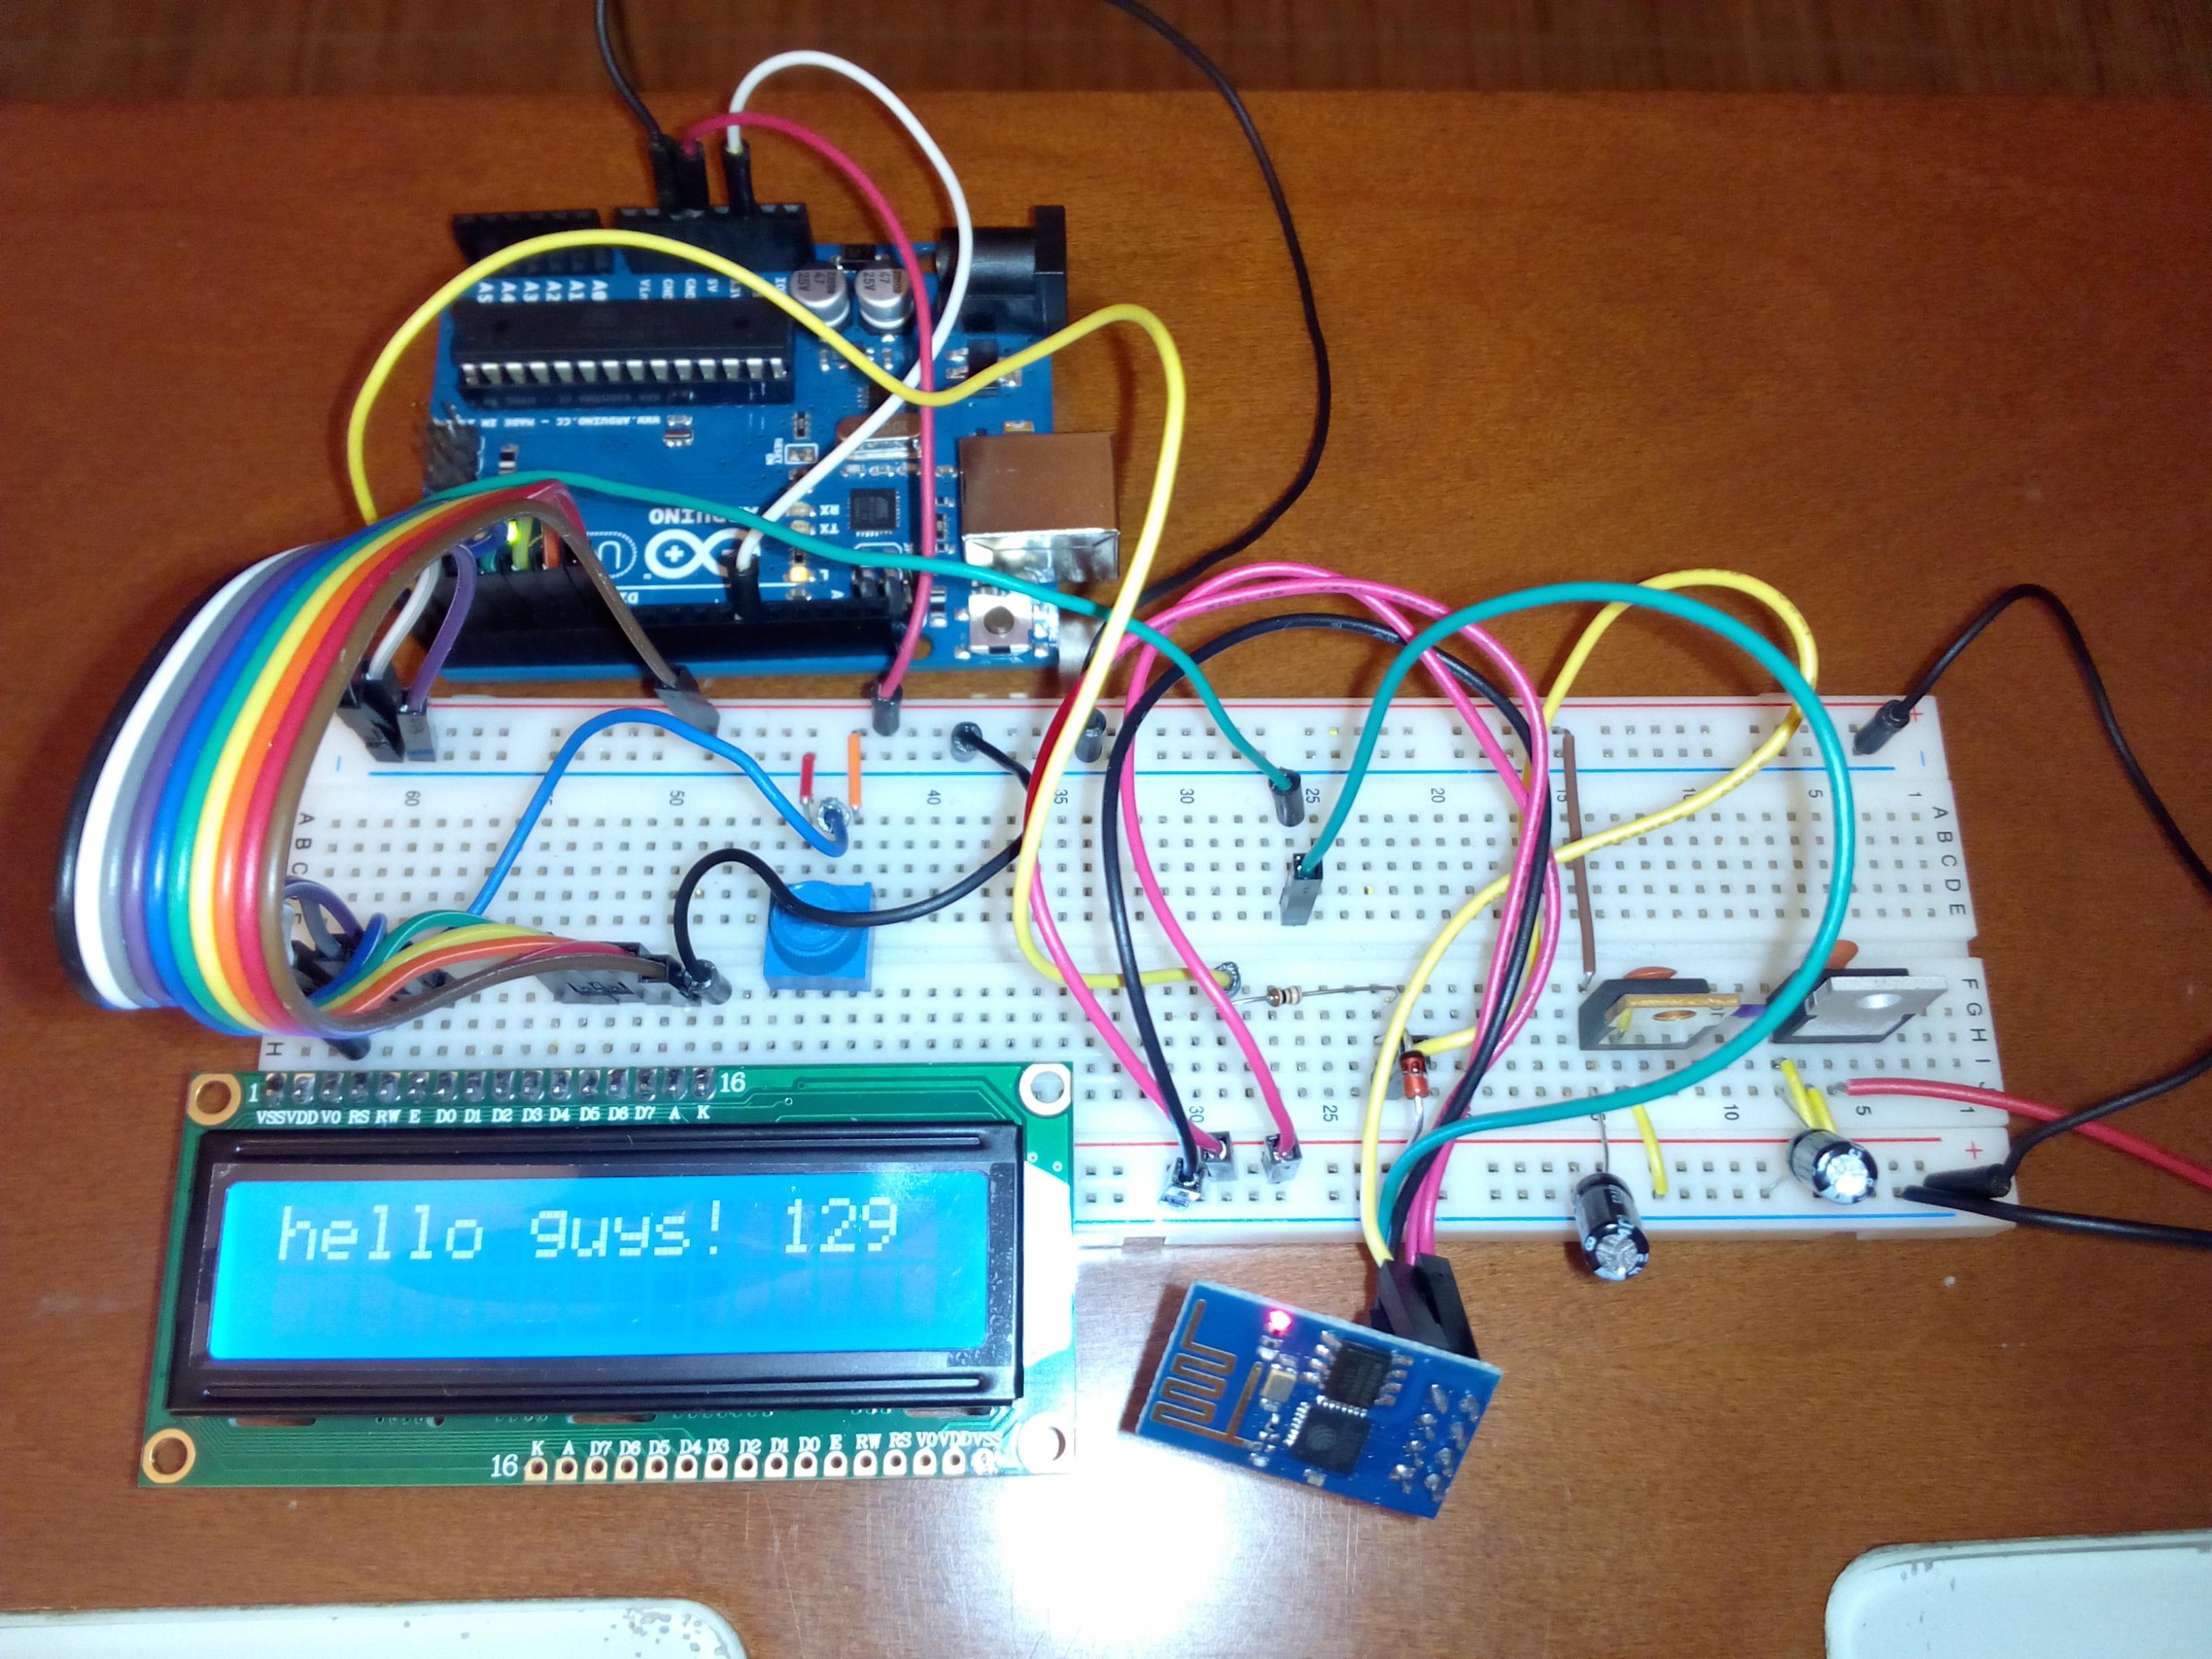 Programando un arduino remotamente con el módulo esp